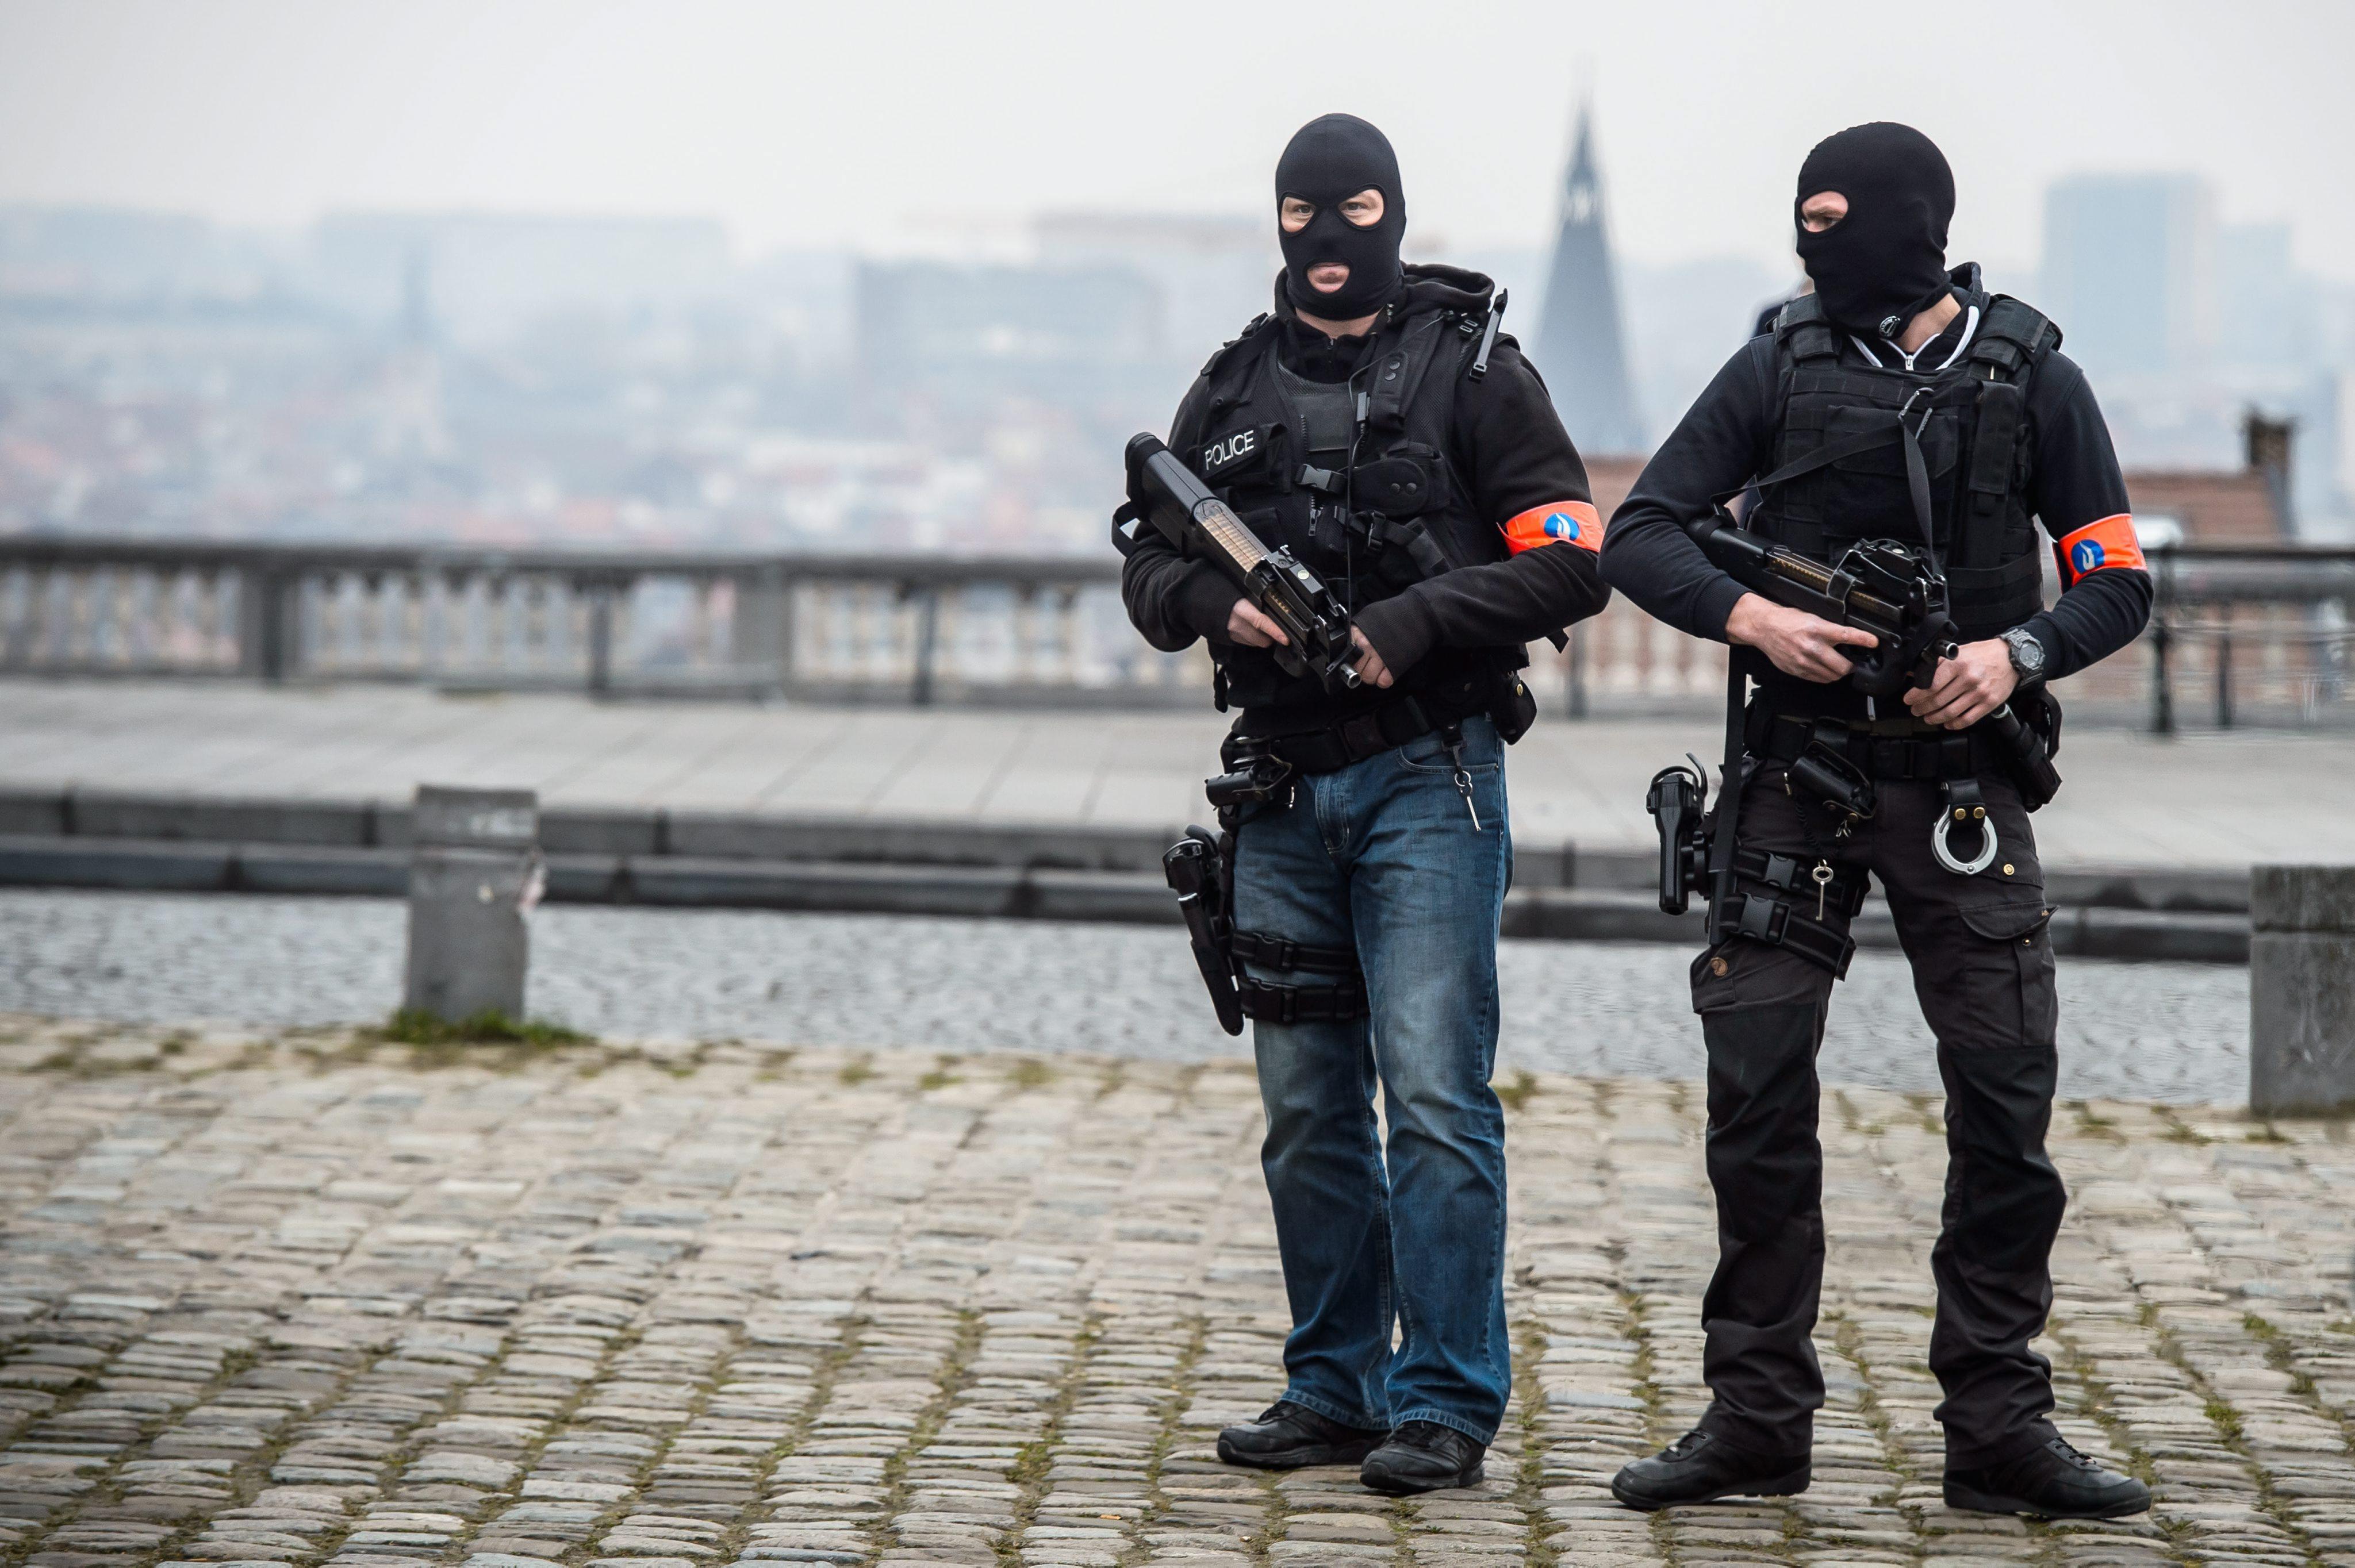 Εκθεση Europol: Αυξημένες οι επιθέσεις τζιχαντιστών στην Ευρώπη το 2017   tovima.gr